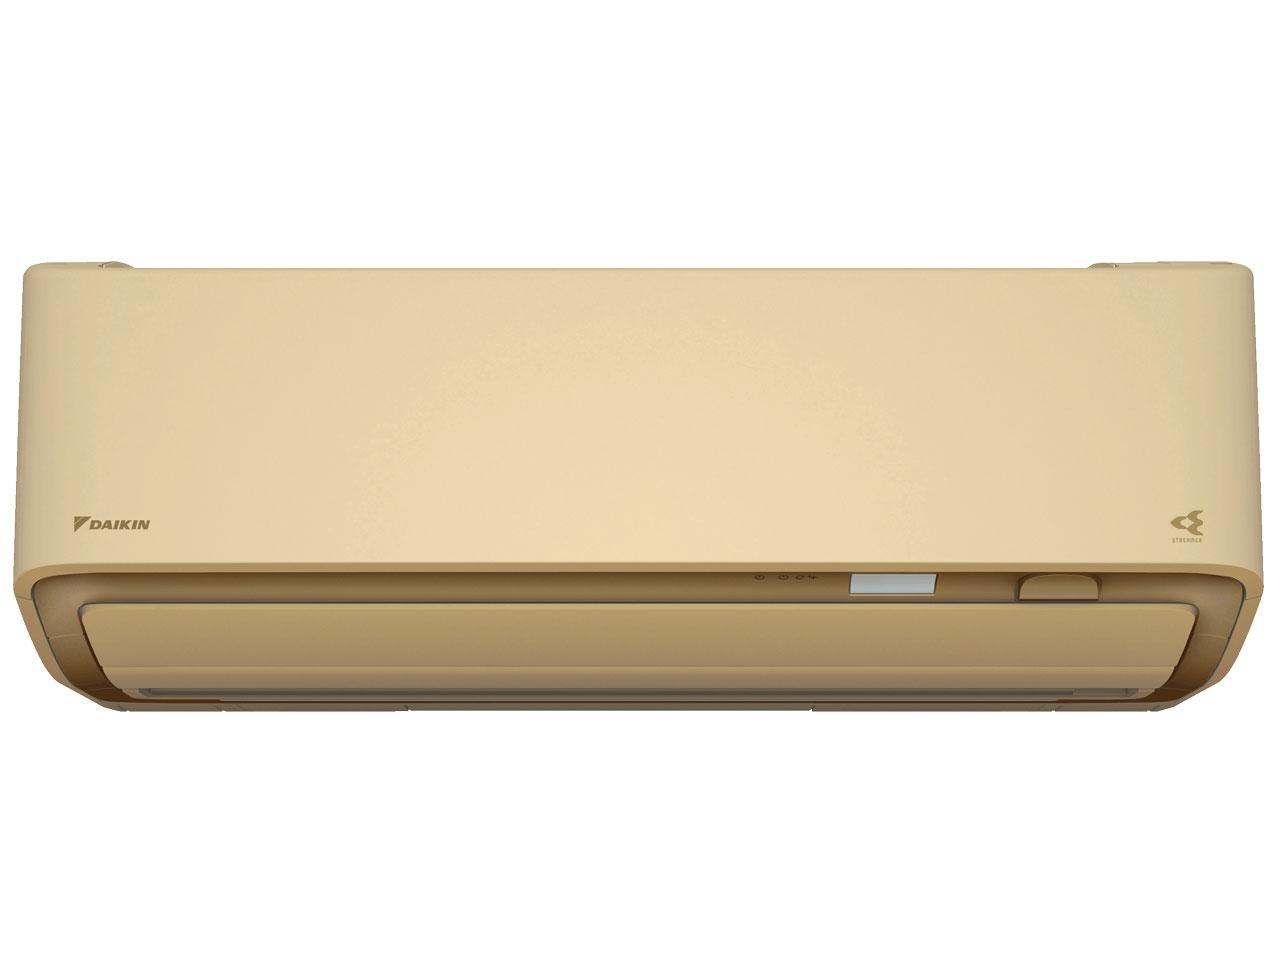 ダイキン 19年モデル DXシリーズ S63WTDXV-C 【200V用 電源直結型】20畳用冷暖房除湿エアコン